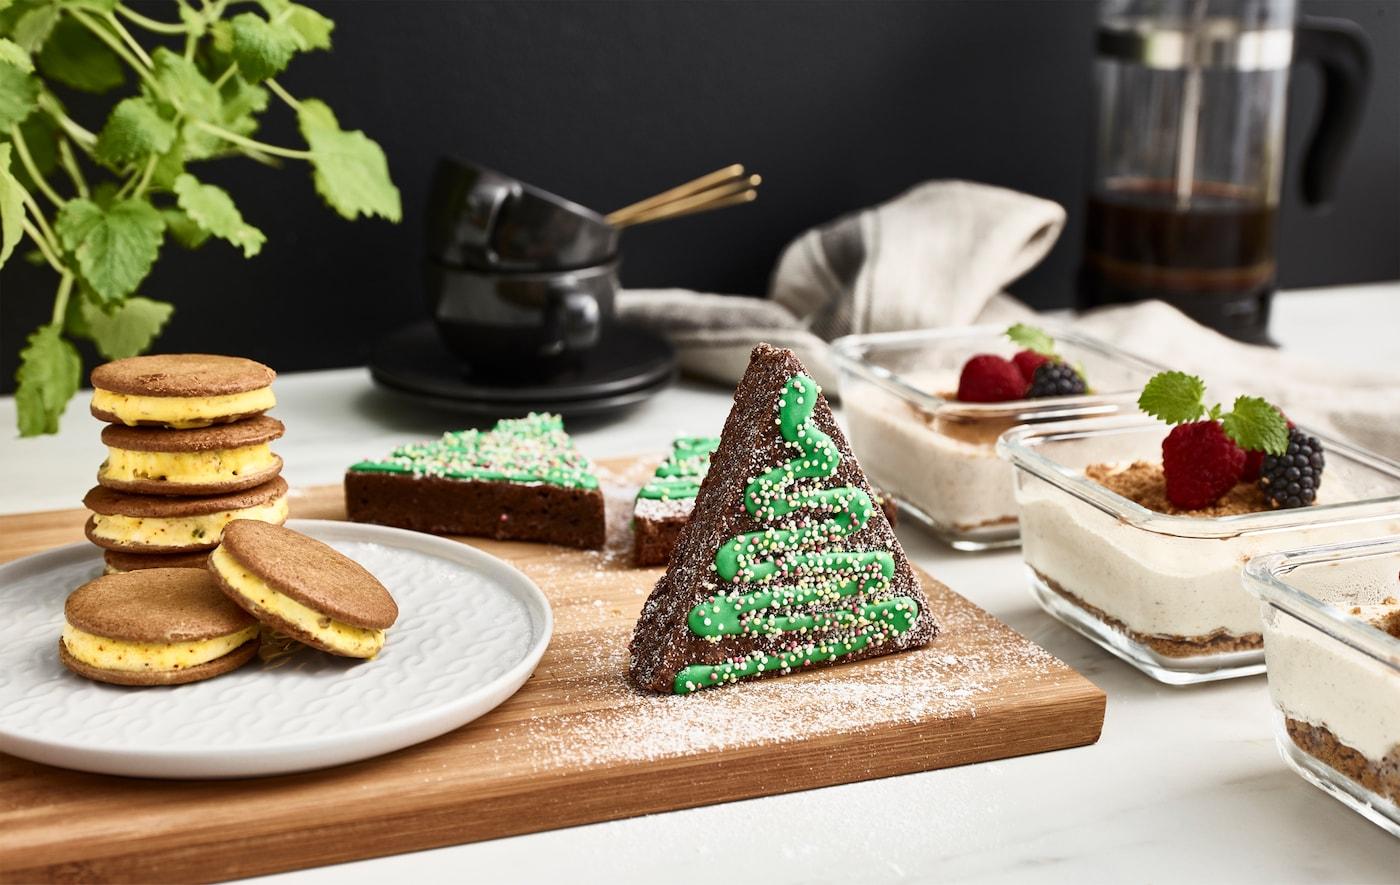 انس أمر الخبز للضيوف في اللحظة الأخيرة. في موسم الأعياد هذا العام، كن مستعدًا ببعض الحلوى المجمدة المجهزة مسبقًا والتي يمكنك إخراجها عند الحاجة.